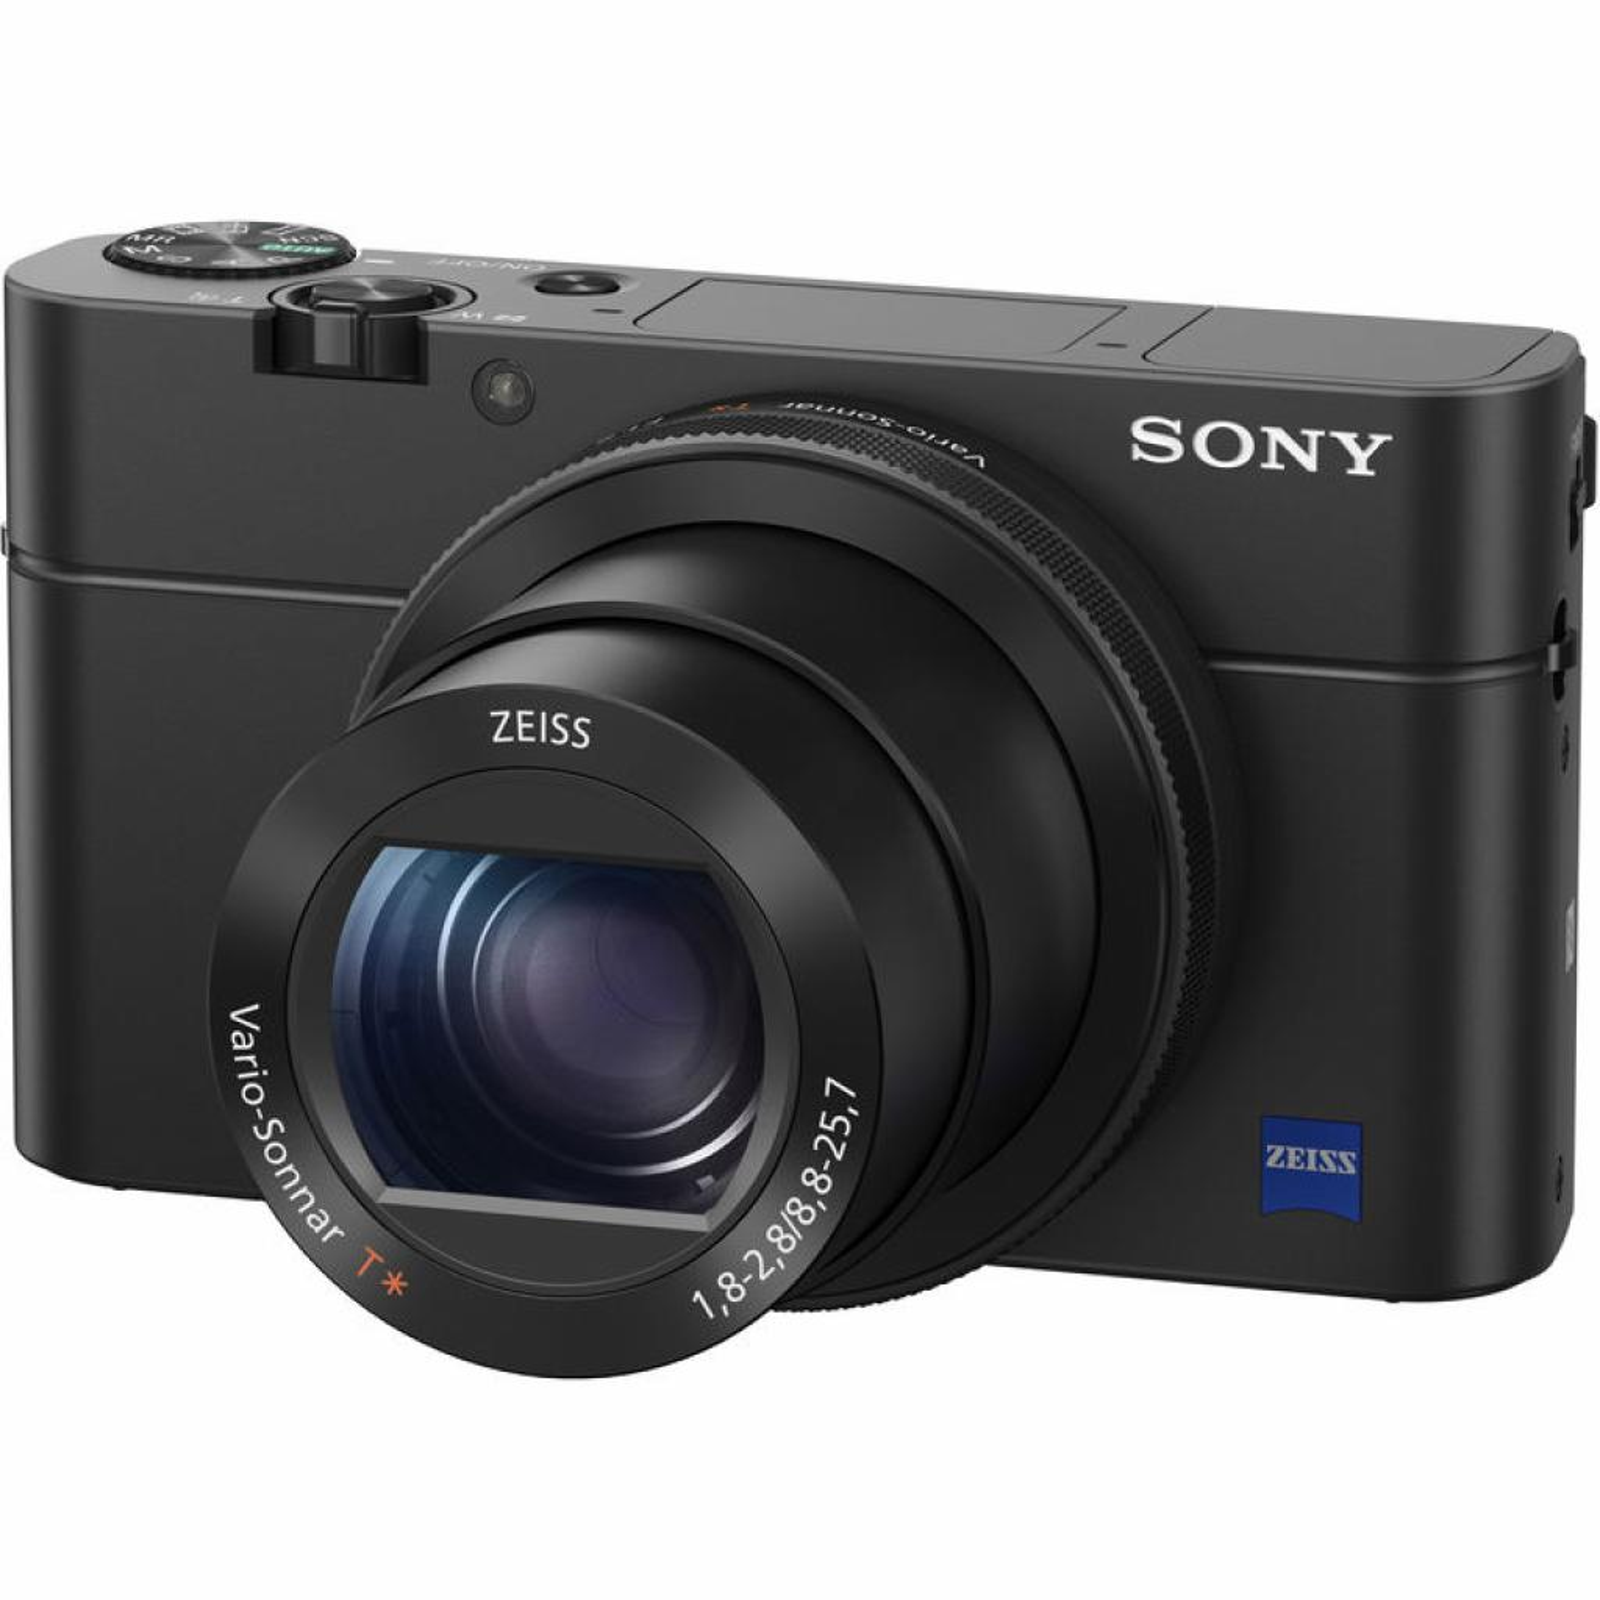 Цифровой фотоаппарат SONY Cyber-Shot RX100 MkIV (DSCRX100M4.RU3) изображение 2